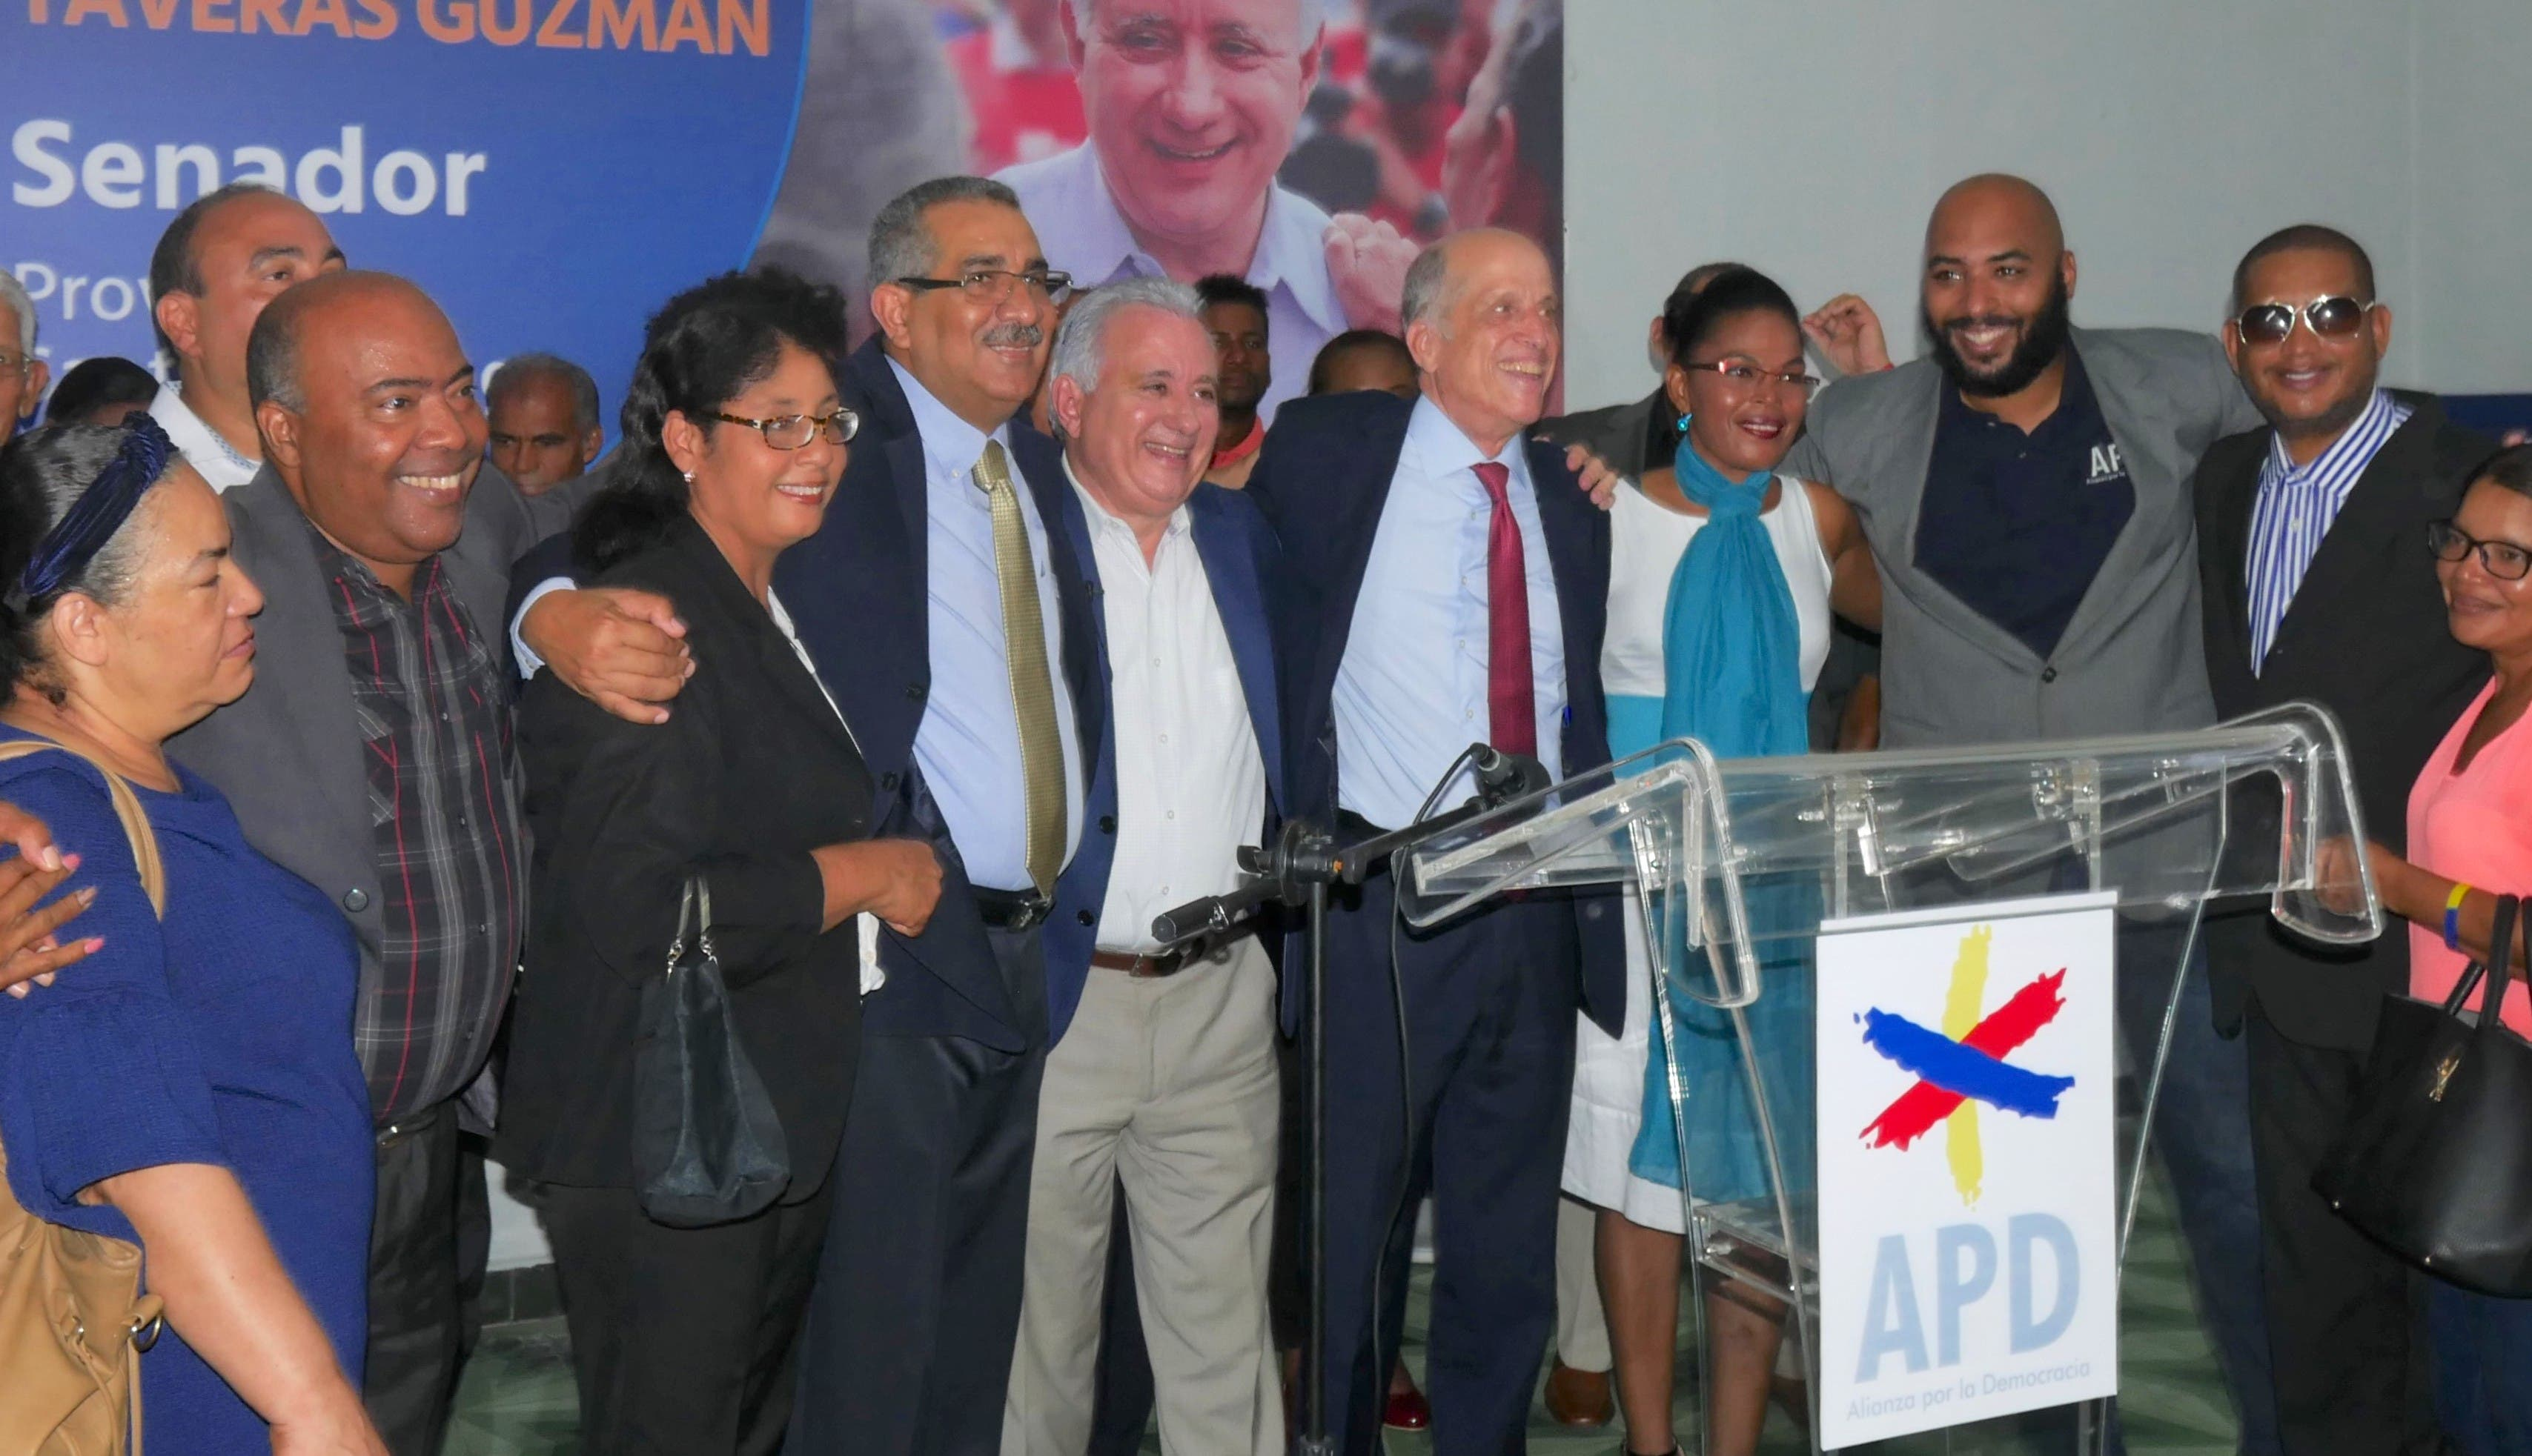 APD apoya candidatura a senador de Antonio Taverás Guzmán